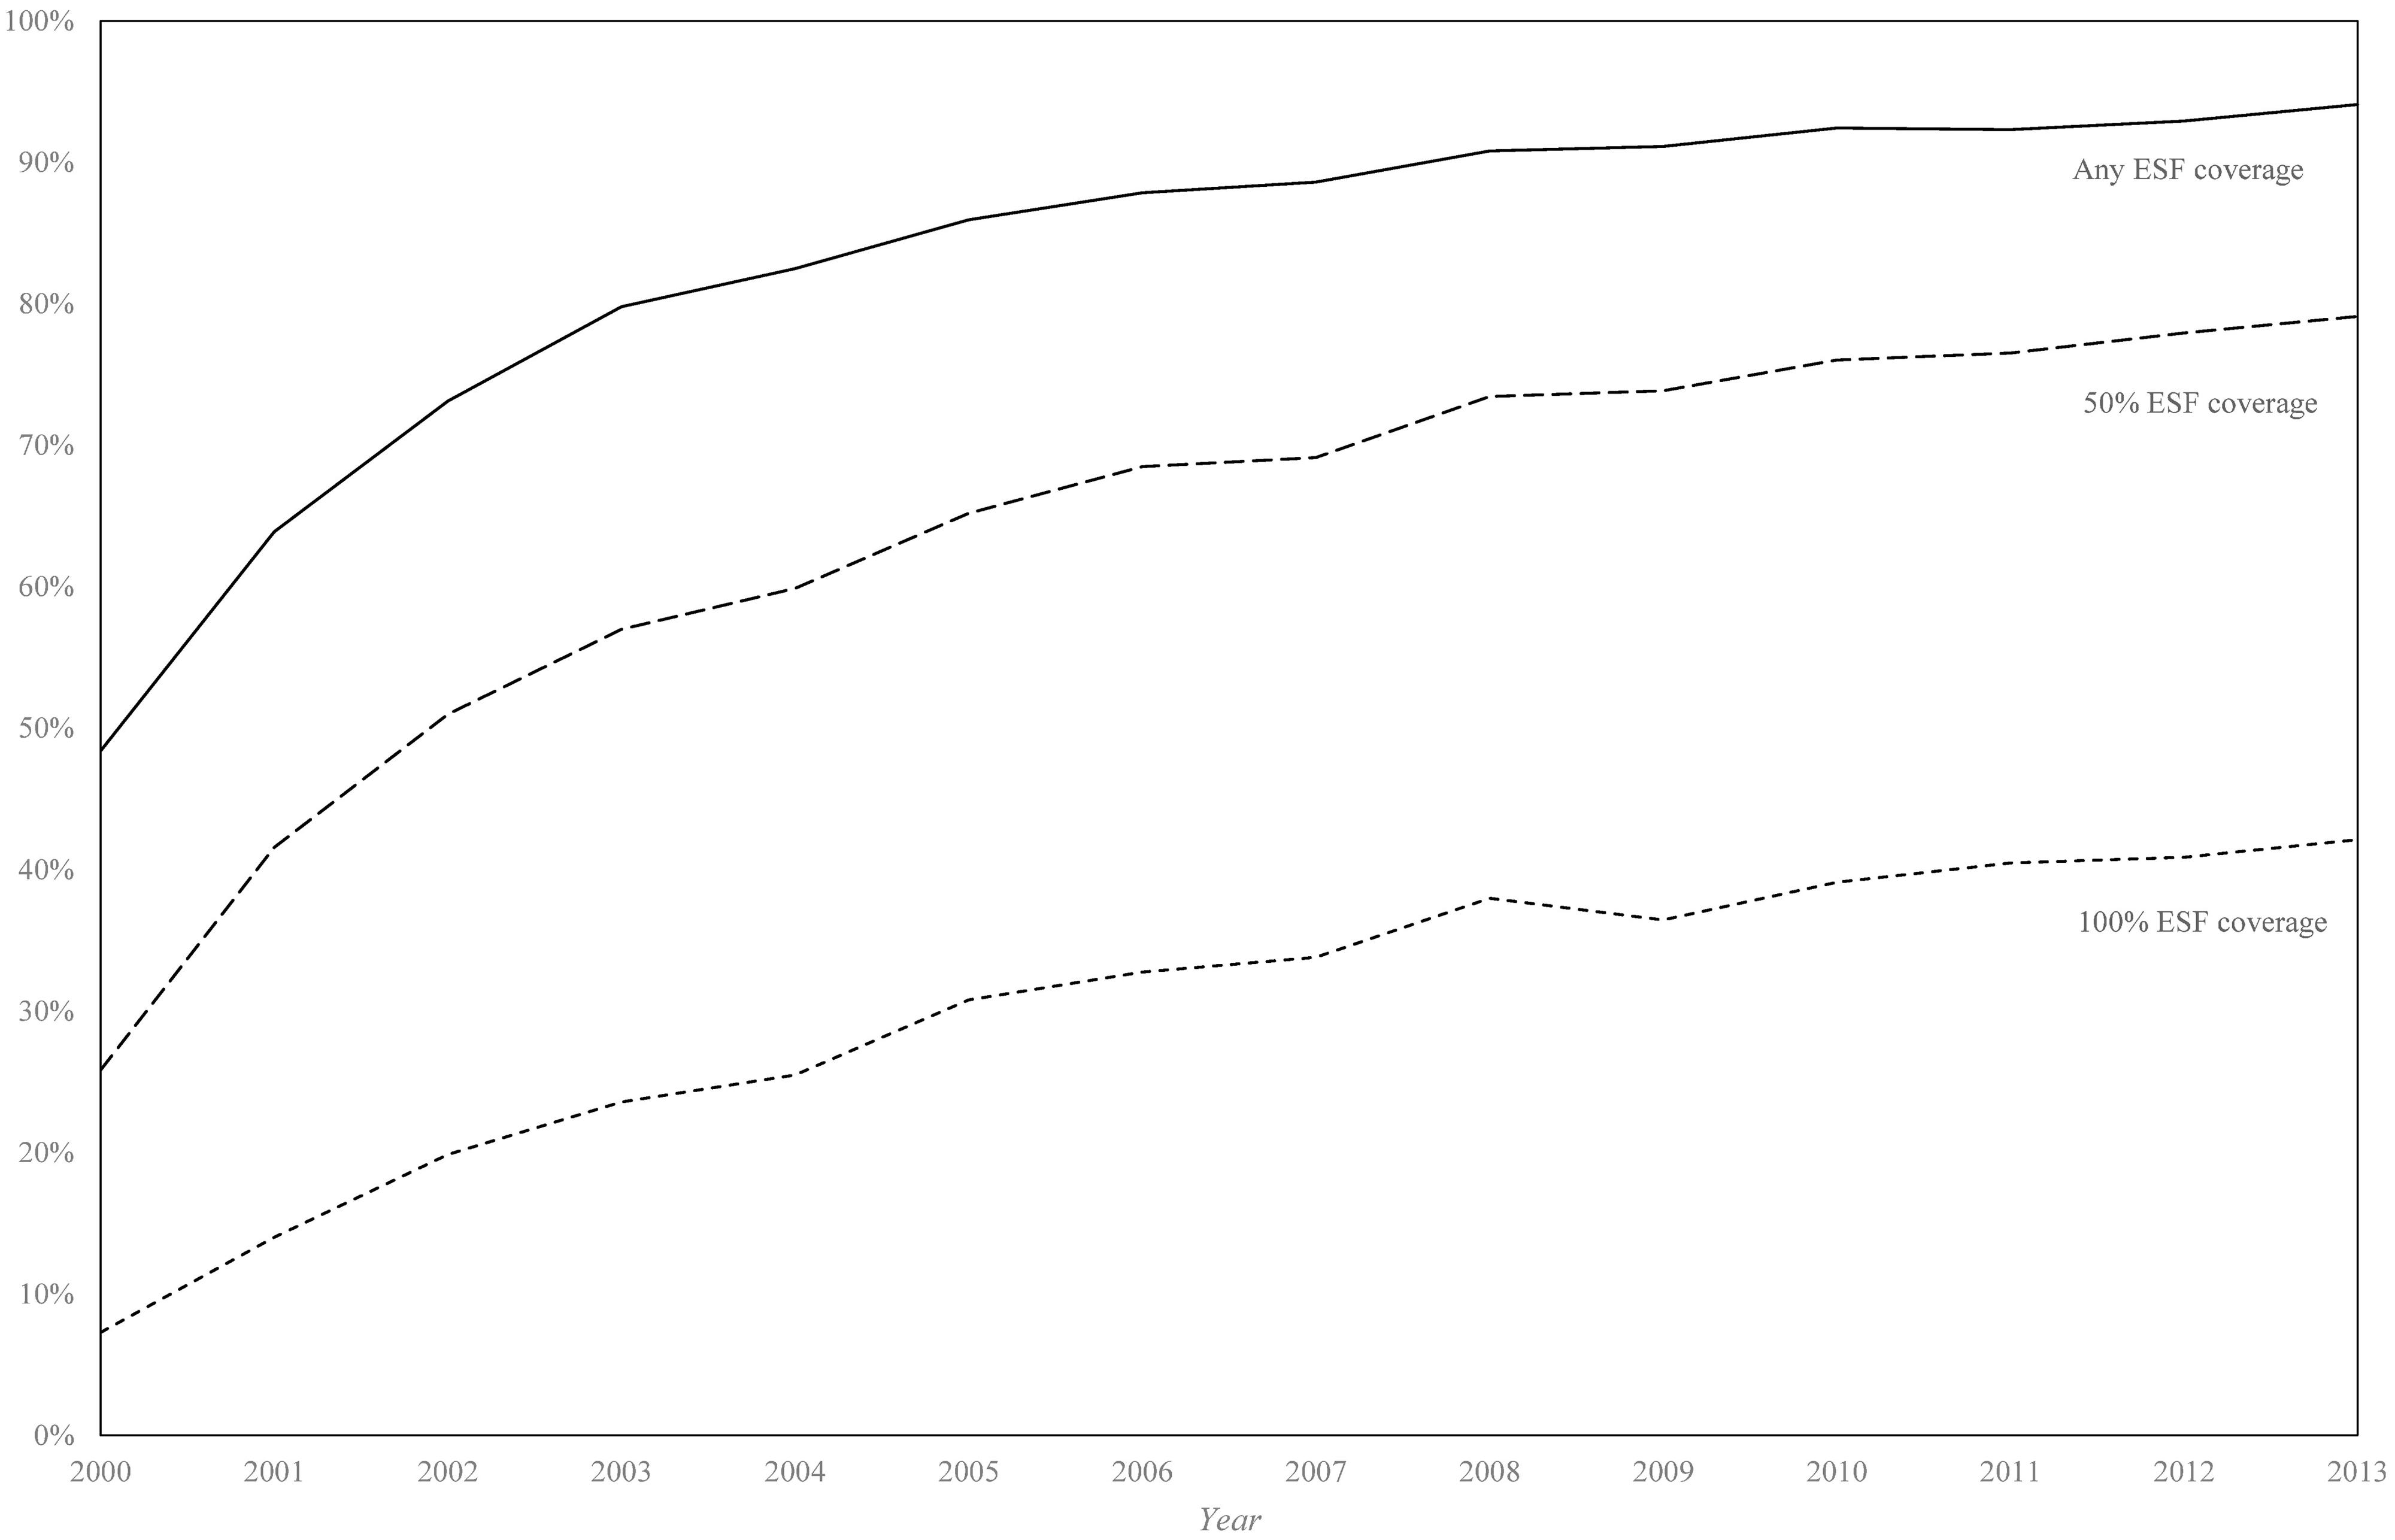 Percentage of municipalities achieving any, 50%, and 100% Estratégia de Saúde da Família coverage (2000–2013).